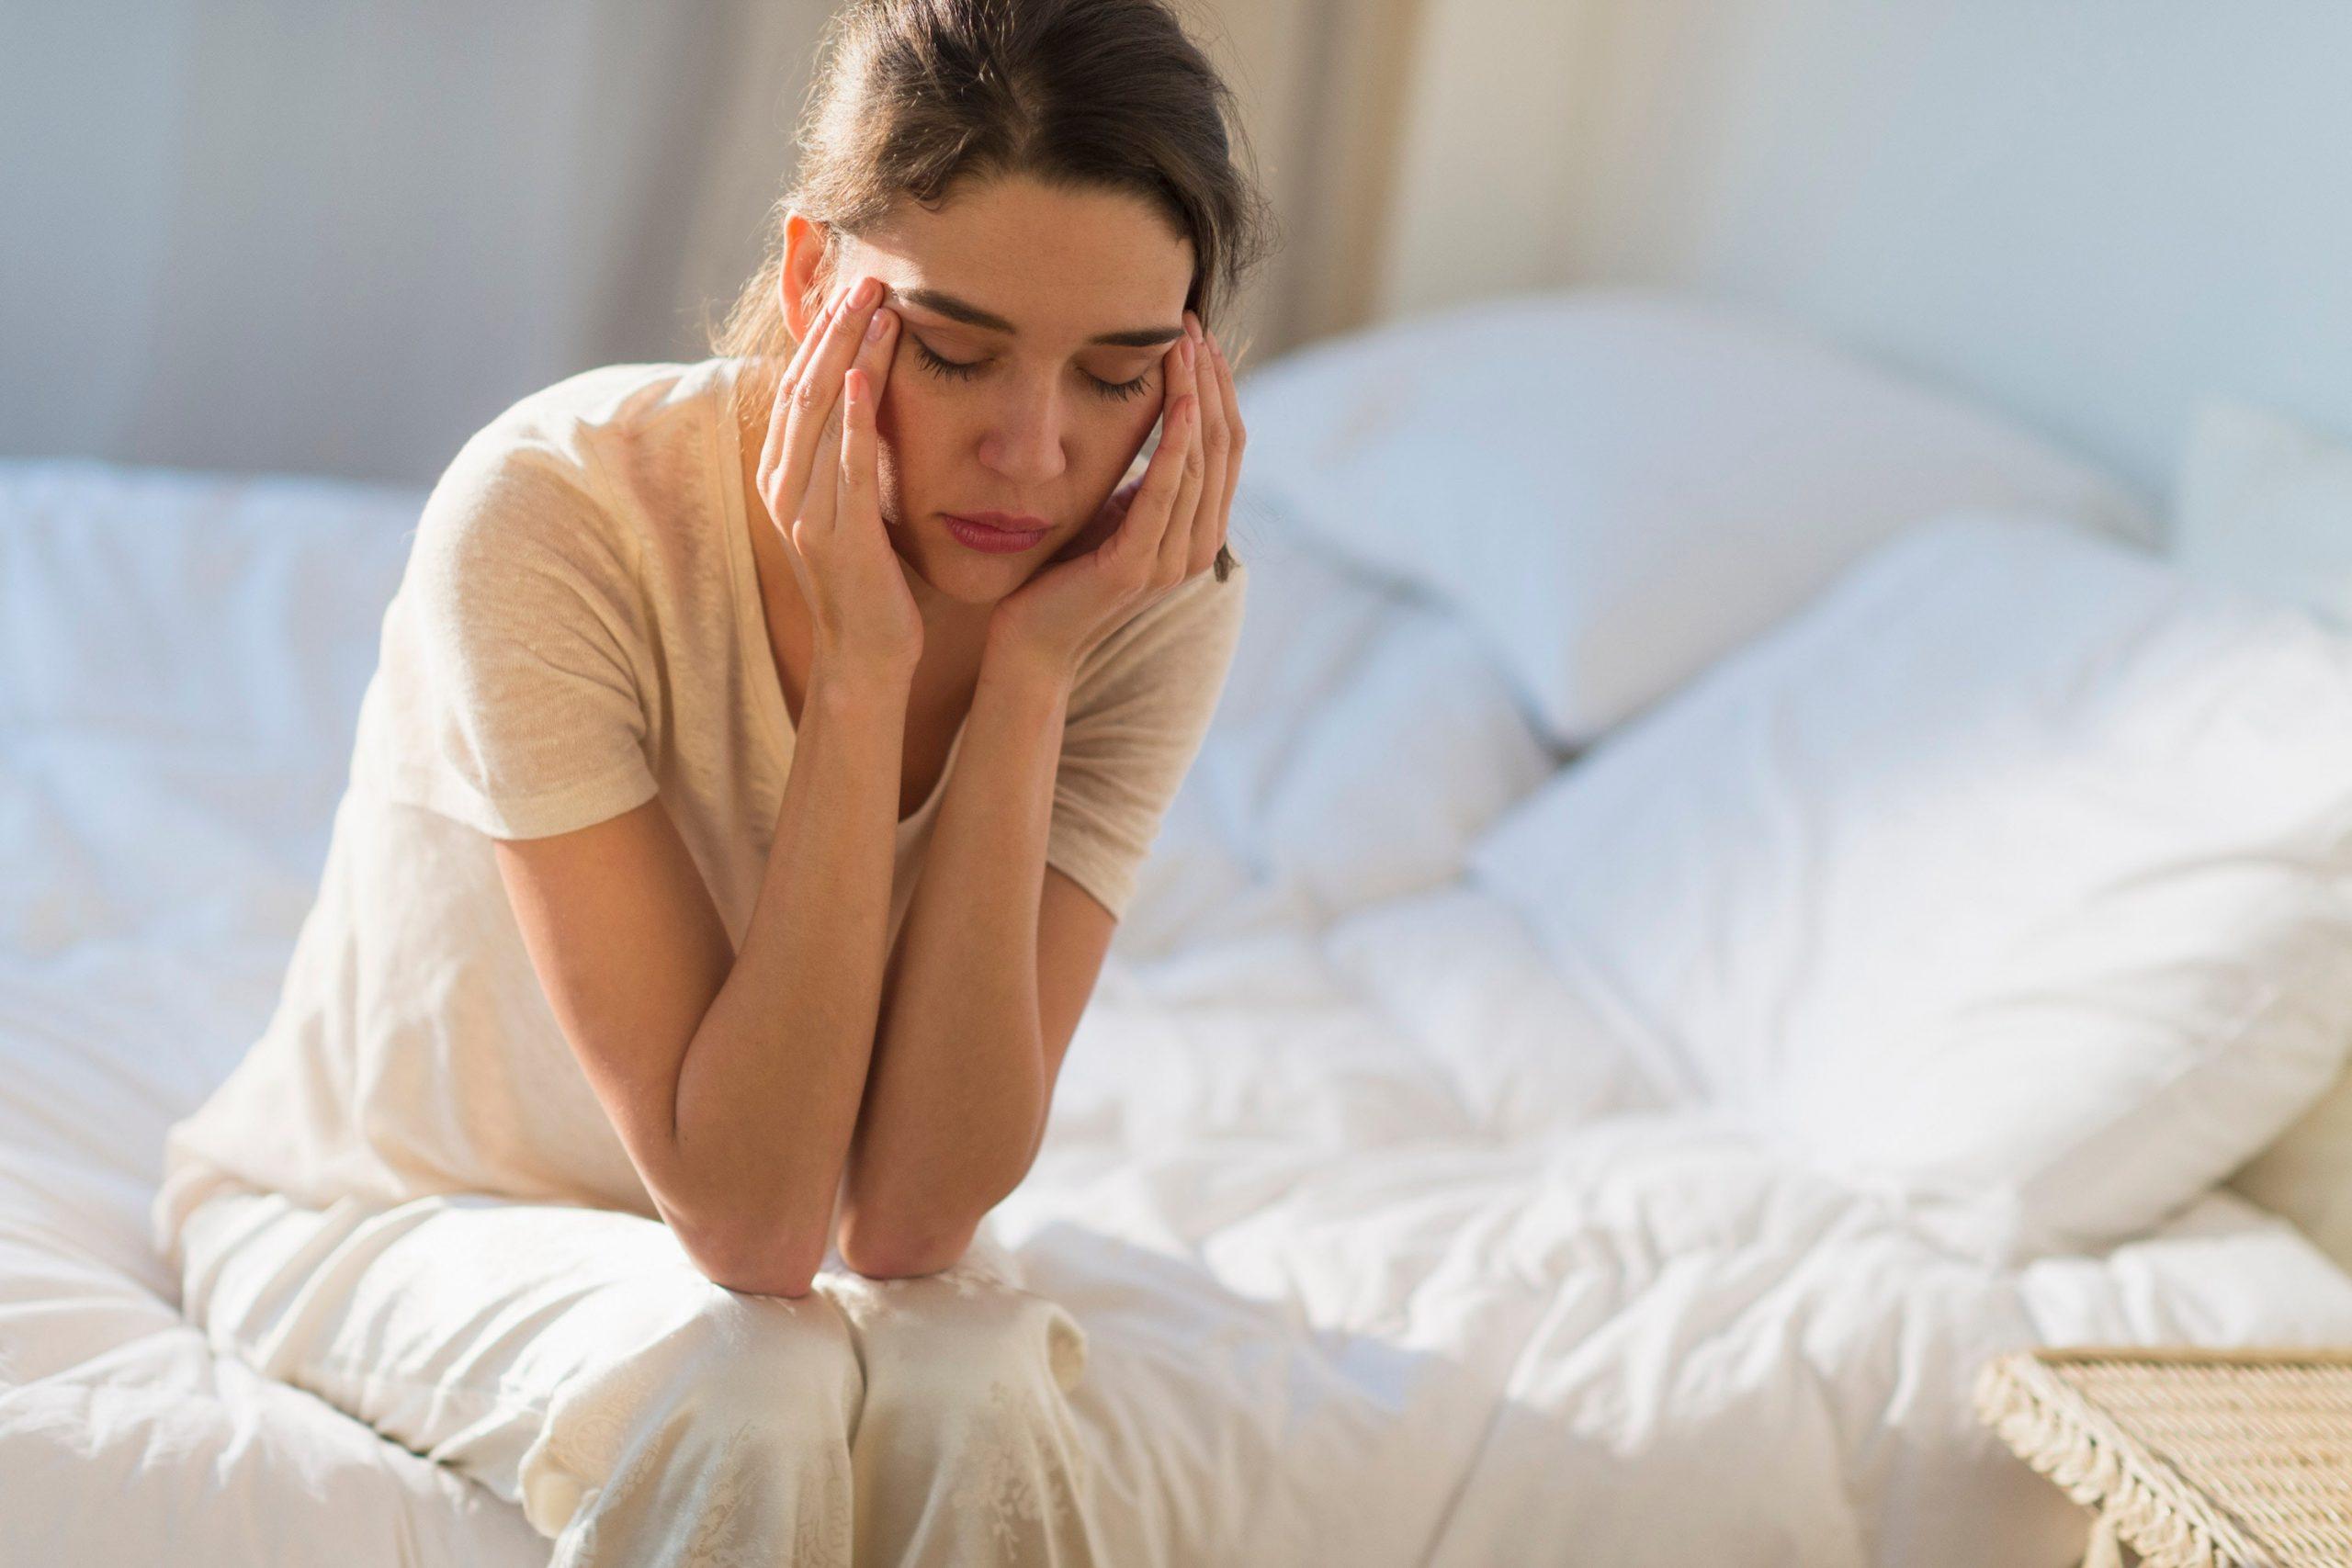 Σεξ και Ημικρανίες: Αν και η ημικρανία μπορεί να μειώσει τη λίμπιντο, το σεξ μπορεί να ανακουφίσει τον πόνο